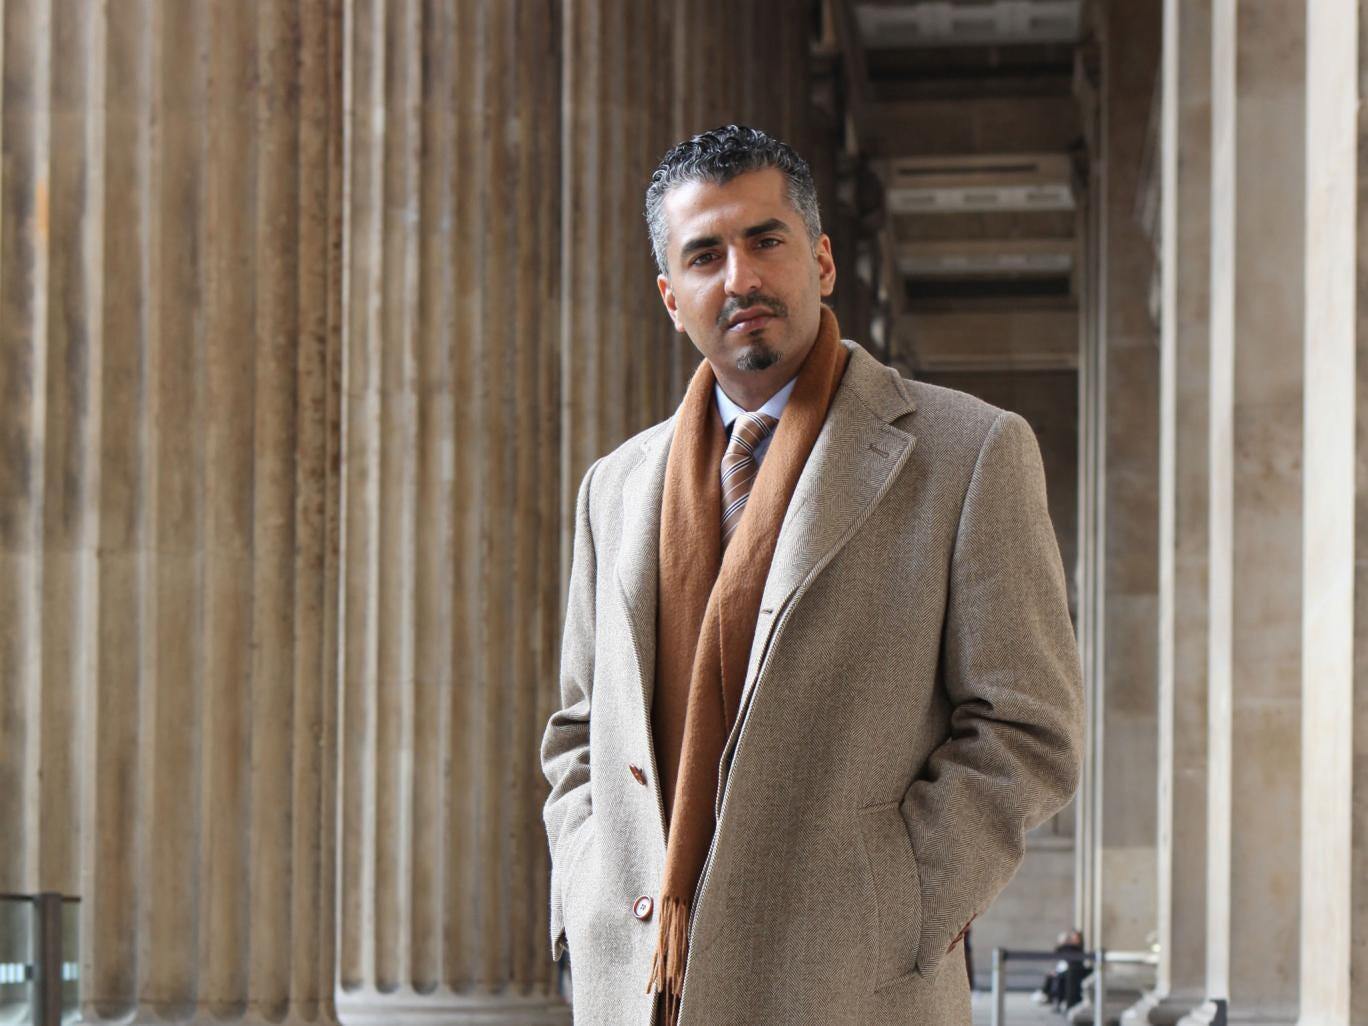 Maajid Nawaz: Lib Dem prospects